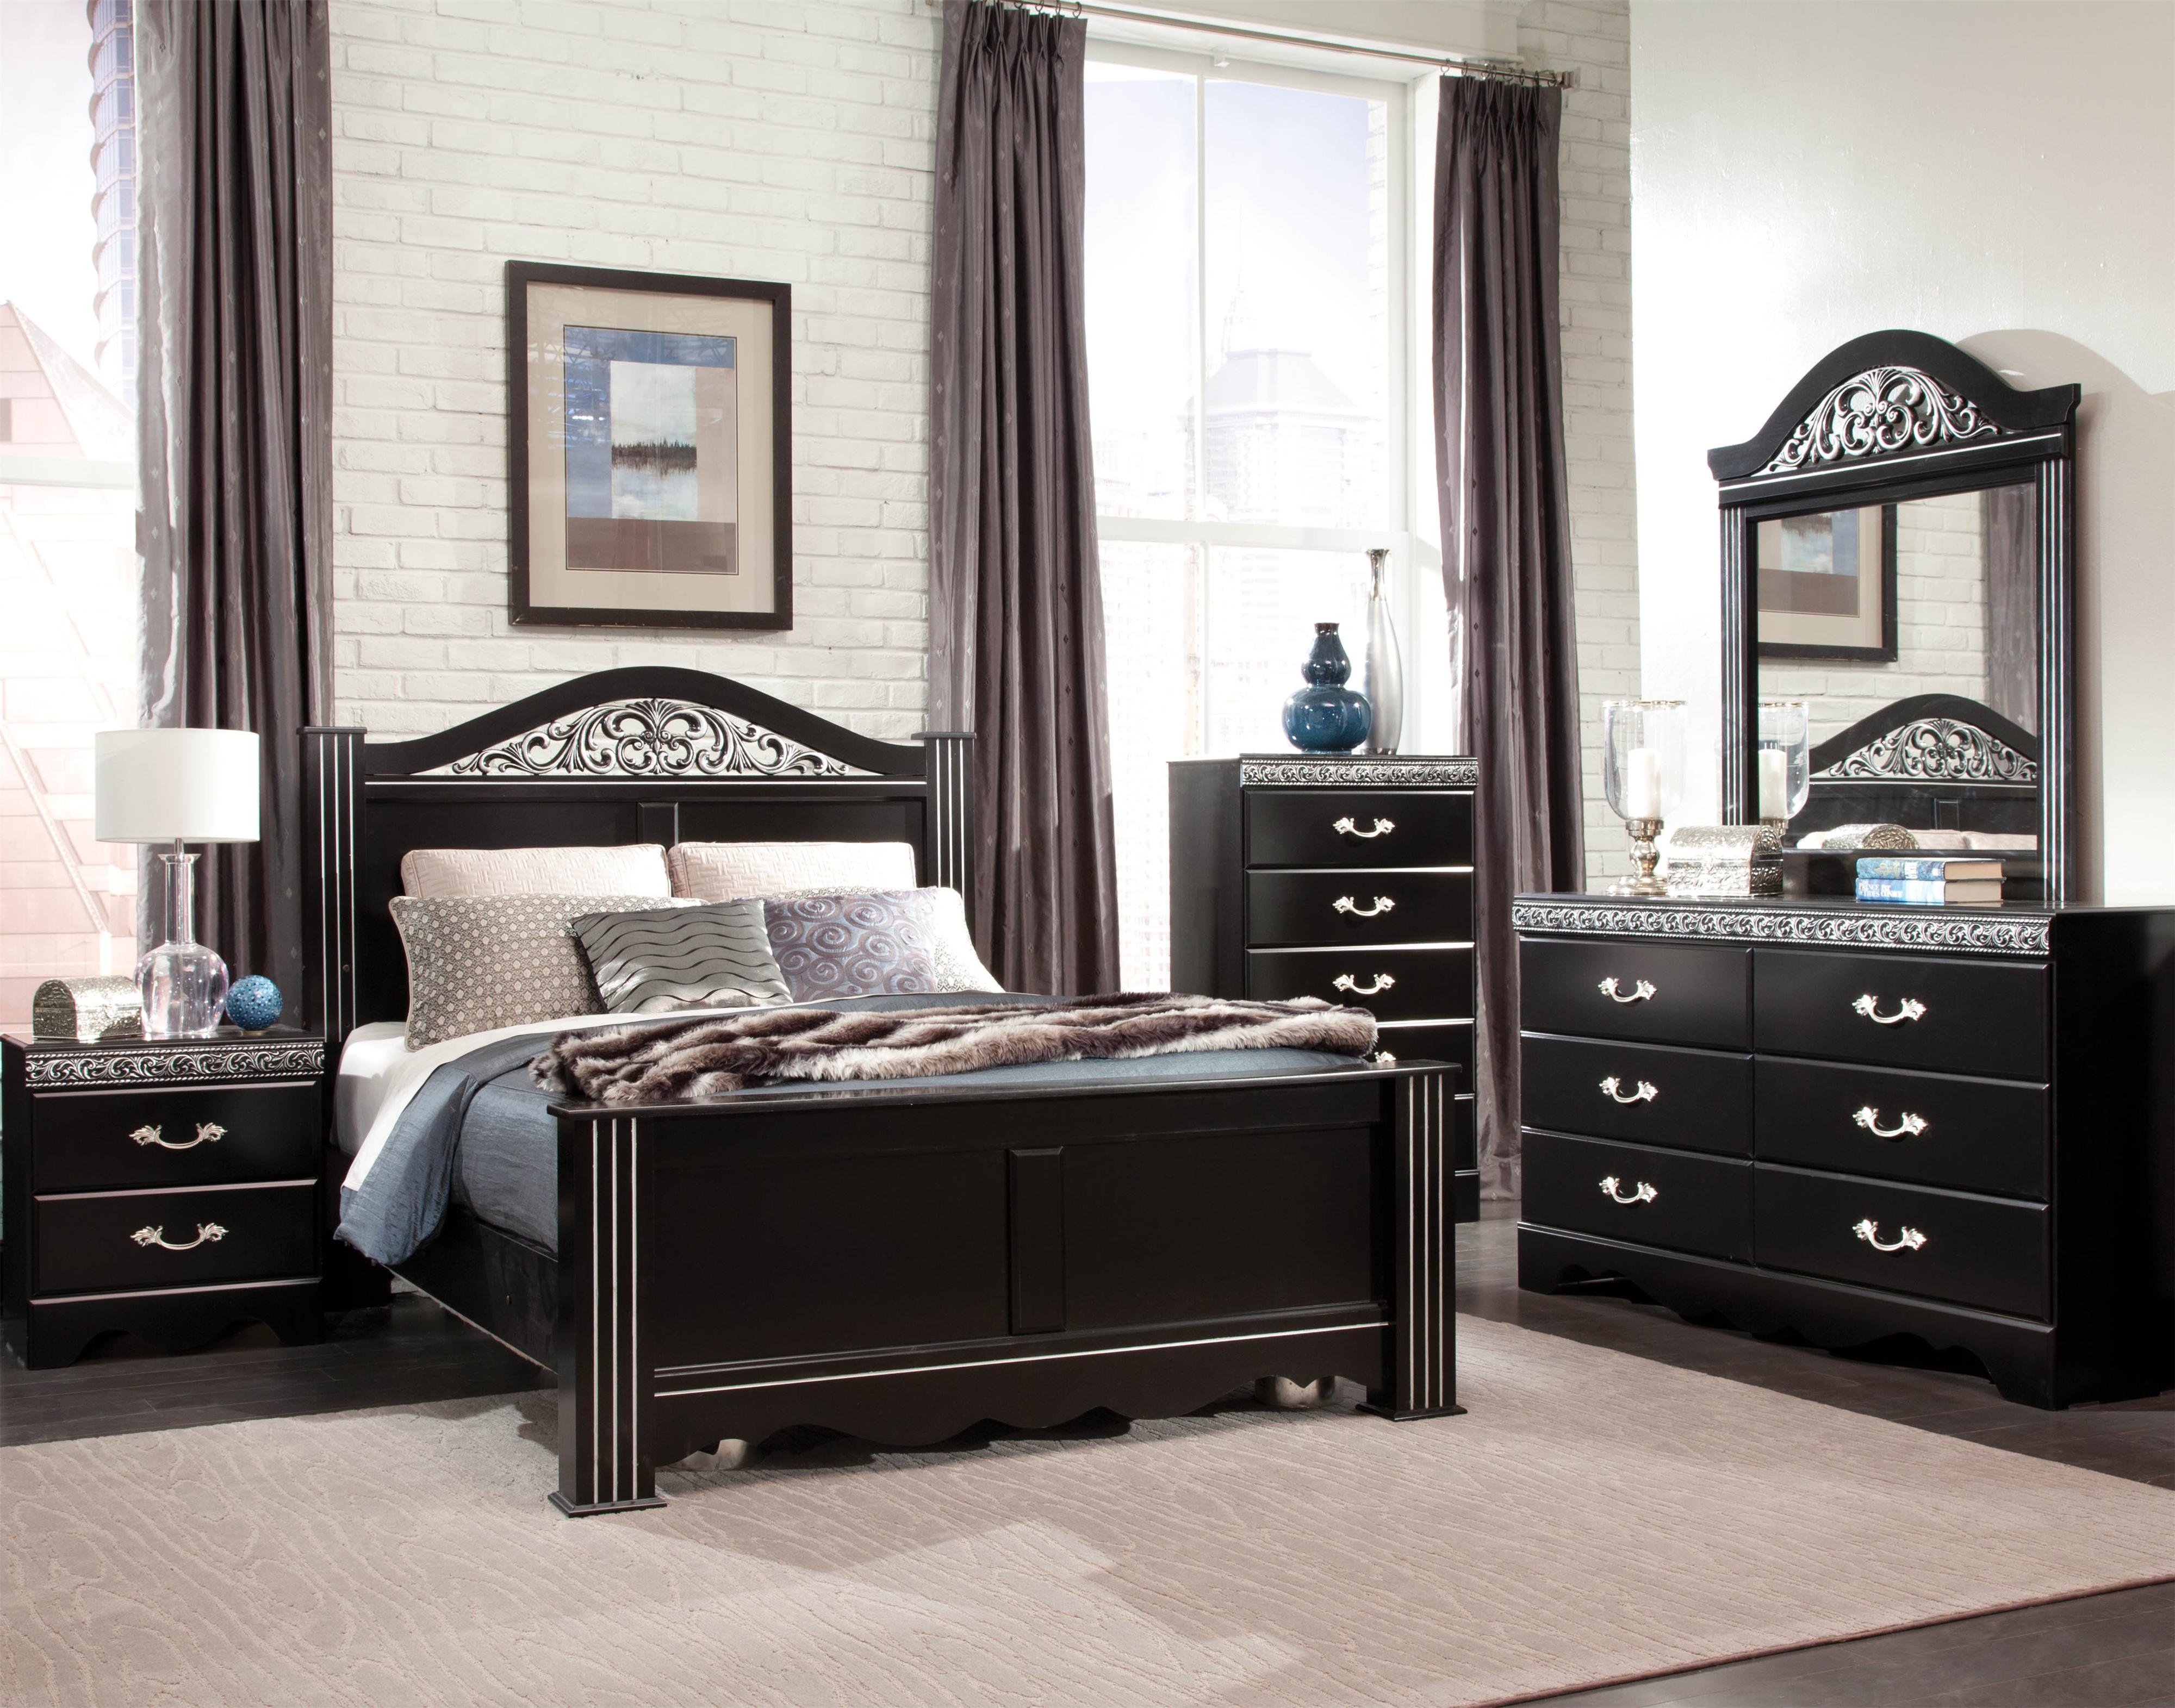 Standard Furniture Odessa Queen Bedroom Group - Item Number: 69550 Queen Bedroom Group 1